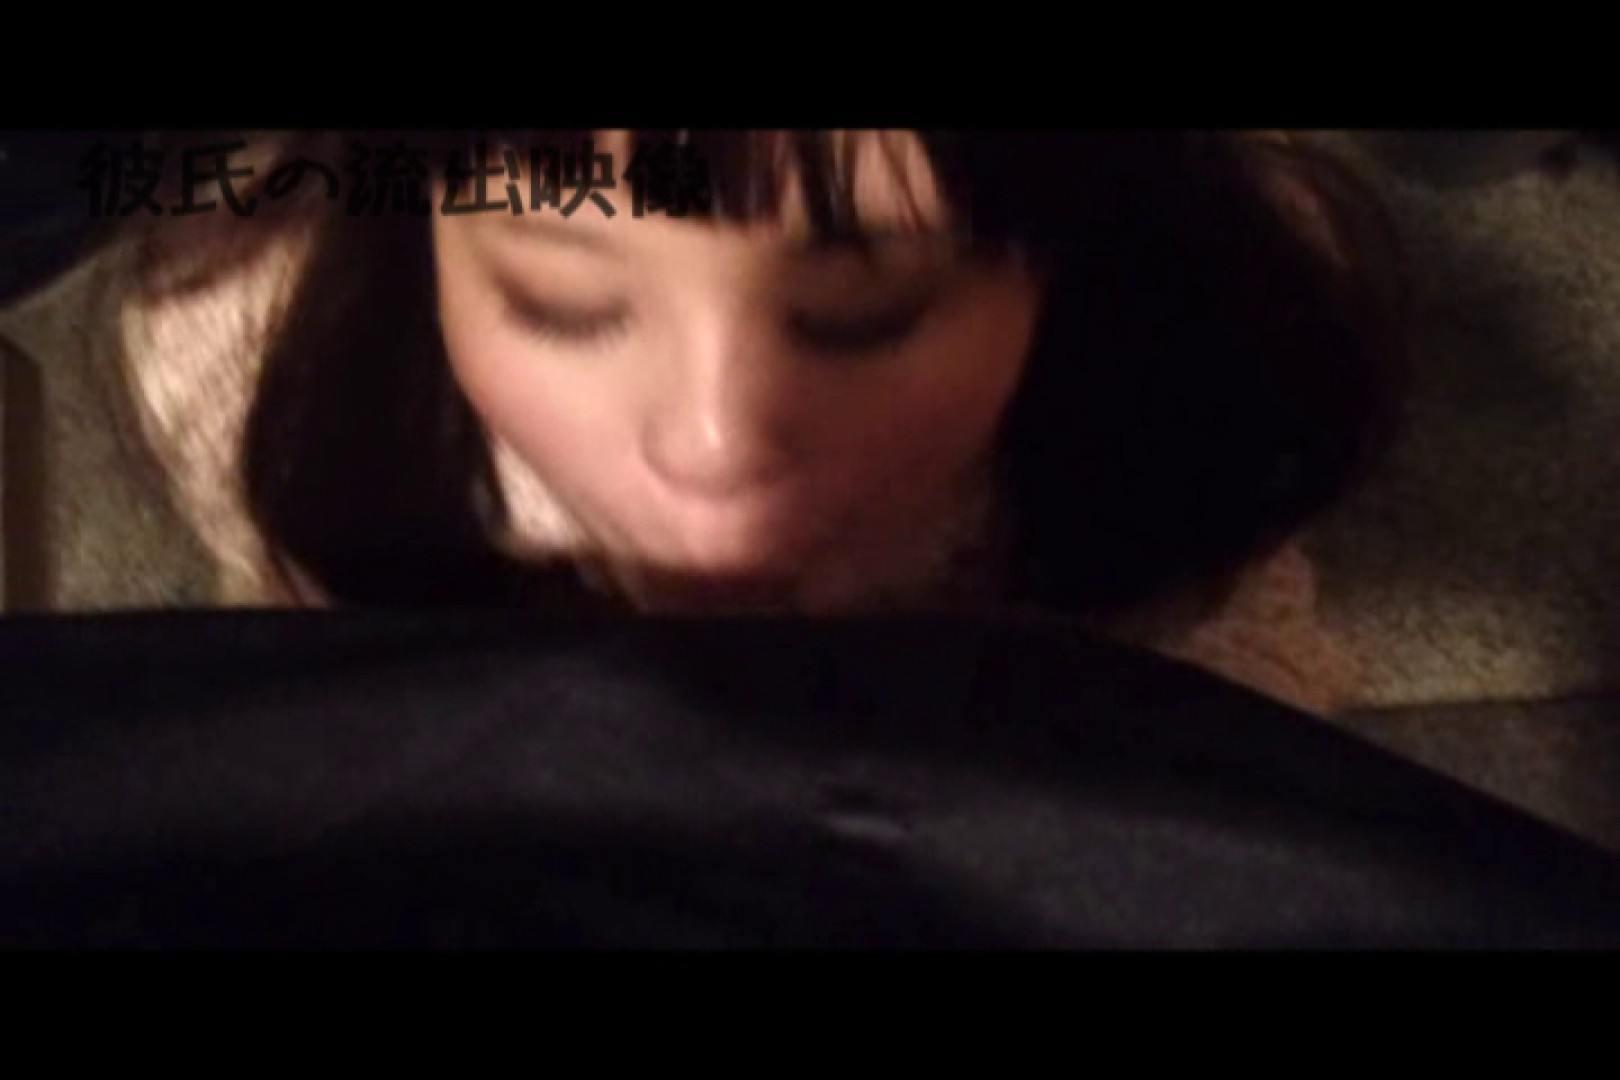 彼氏が流出 パイパン素人嬢のハメ撮り映像03 カップル | 可愛いパイパン  92pic 37